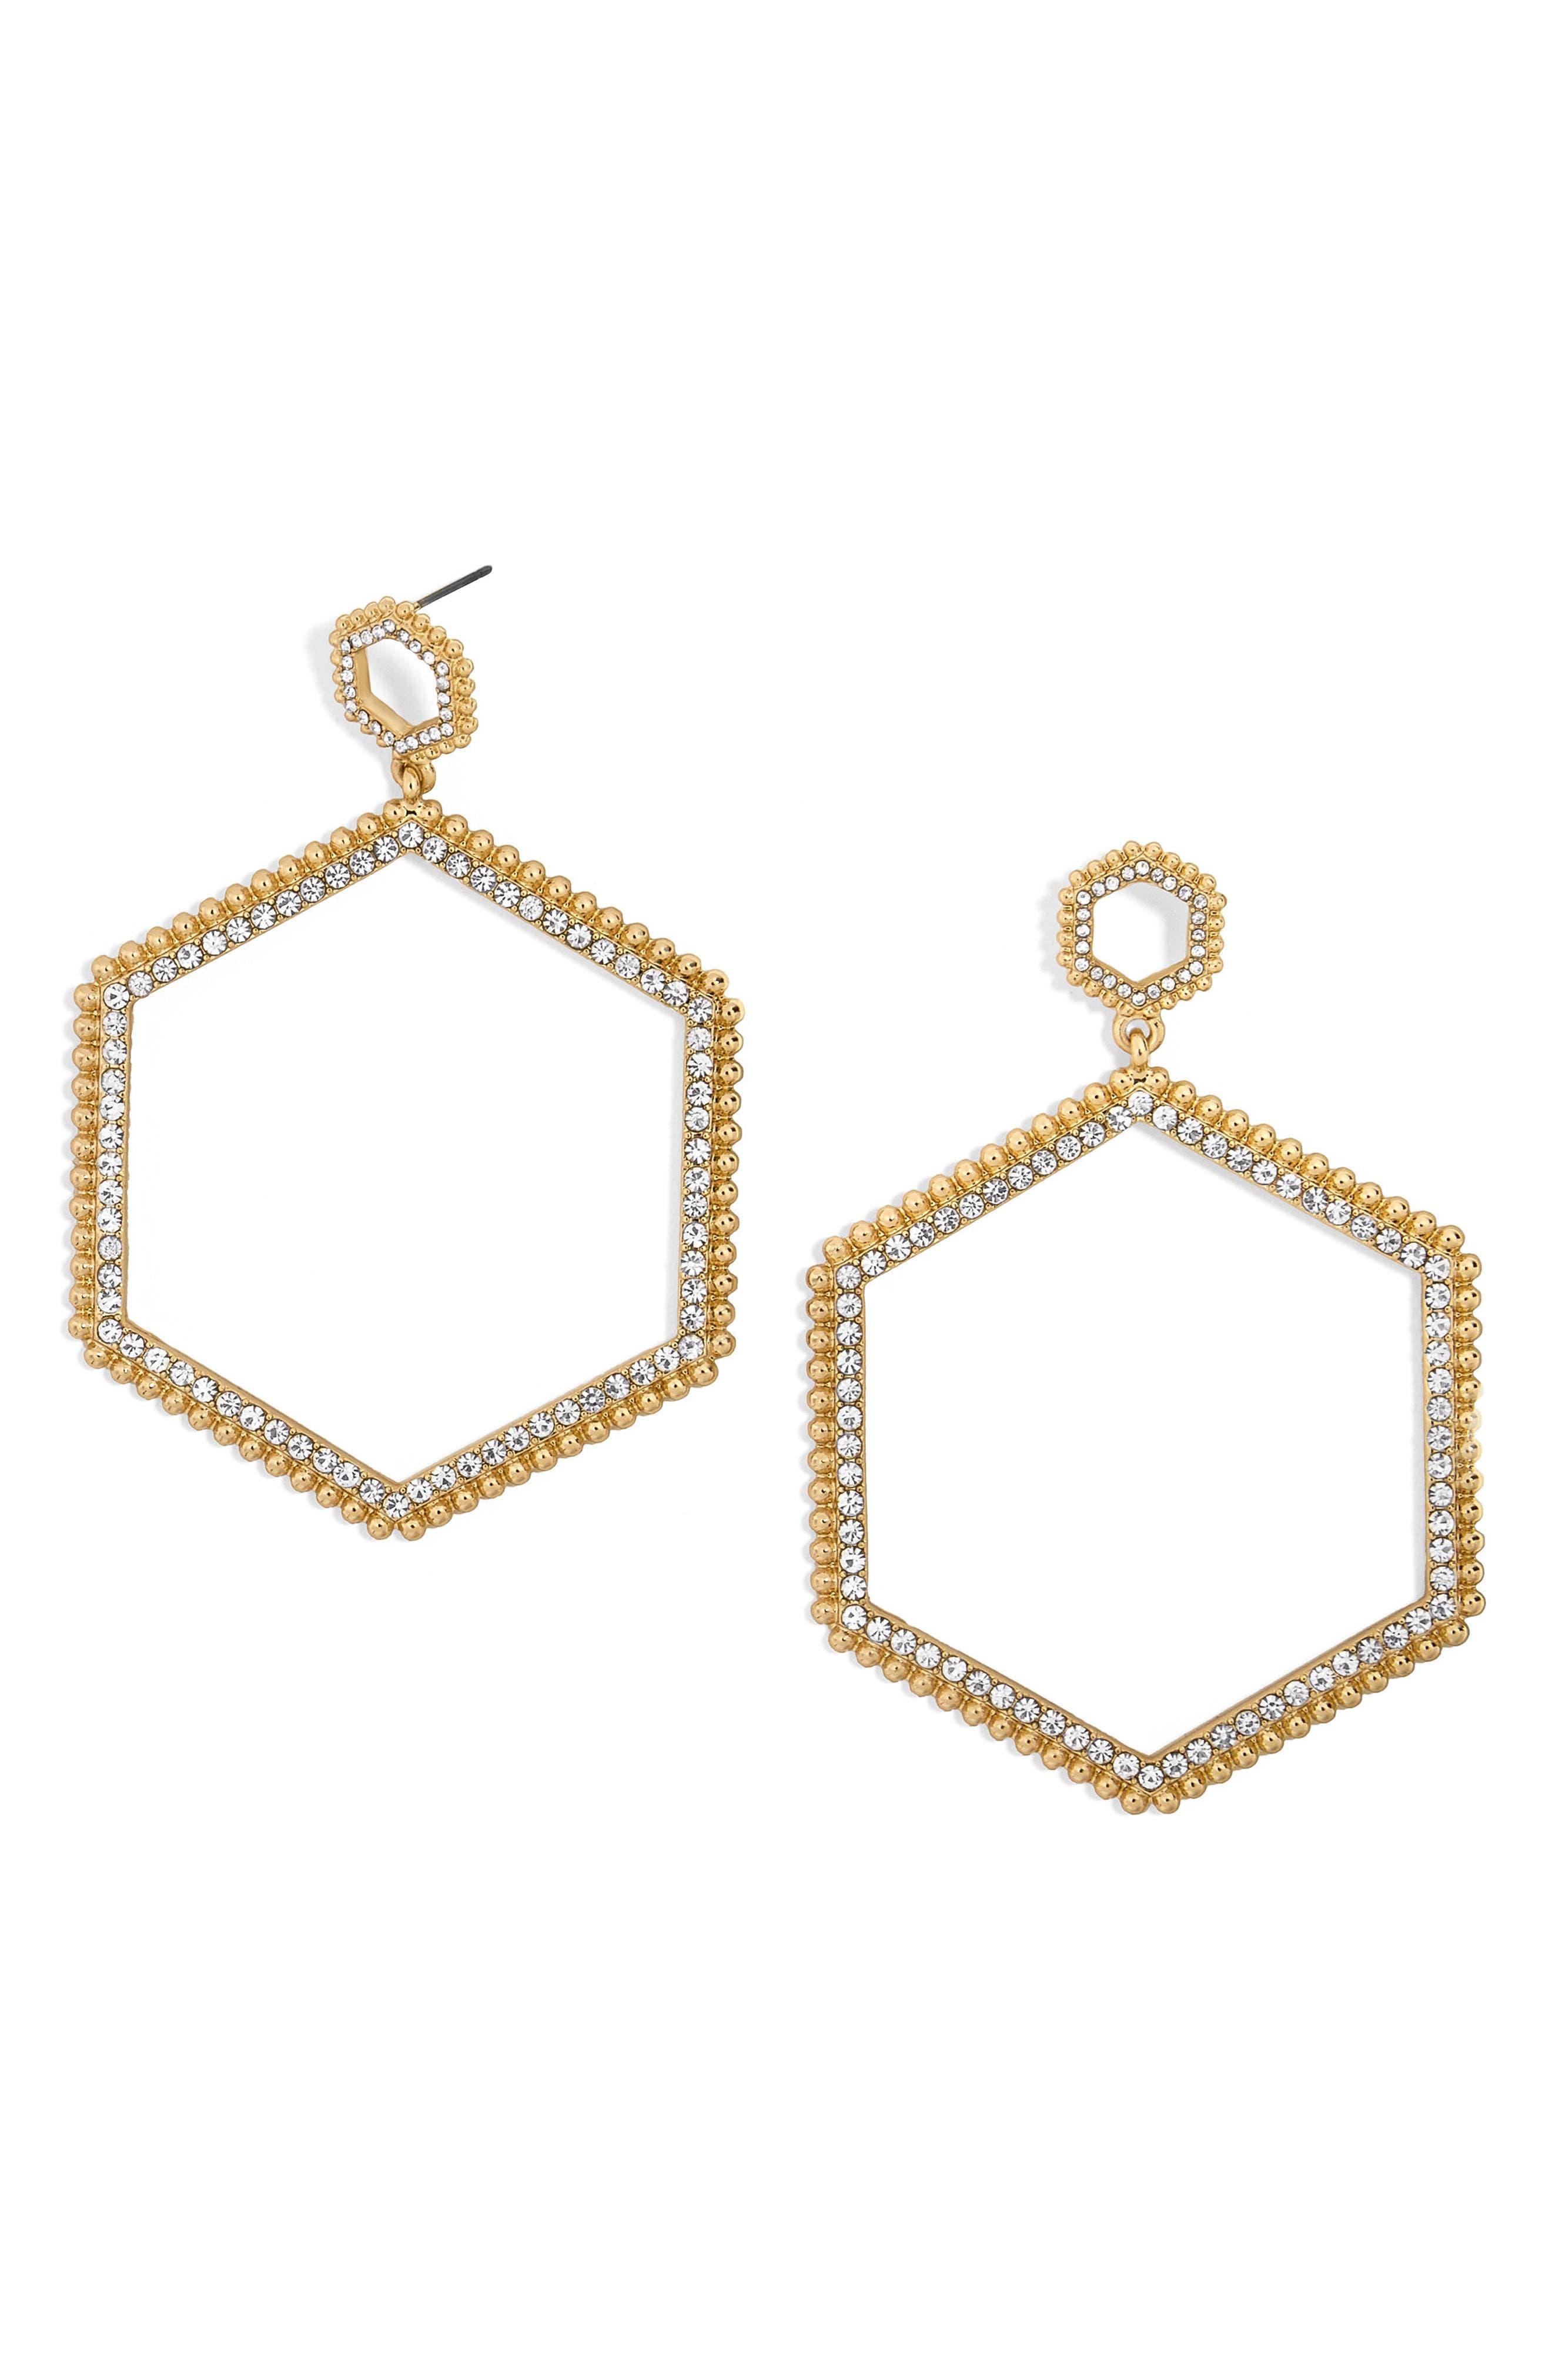 Main Image - BaubleBar Hexagonal Hoop Earrings